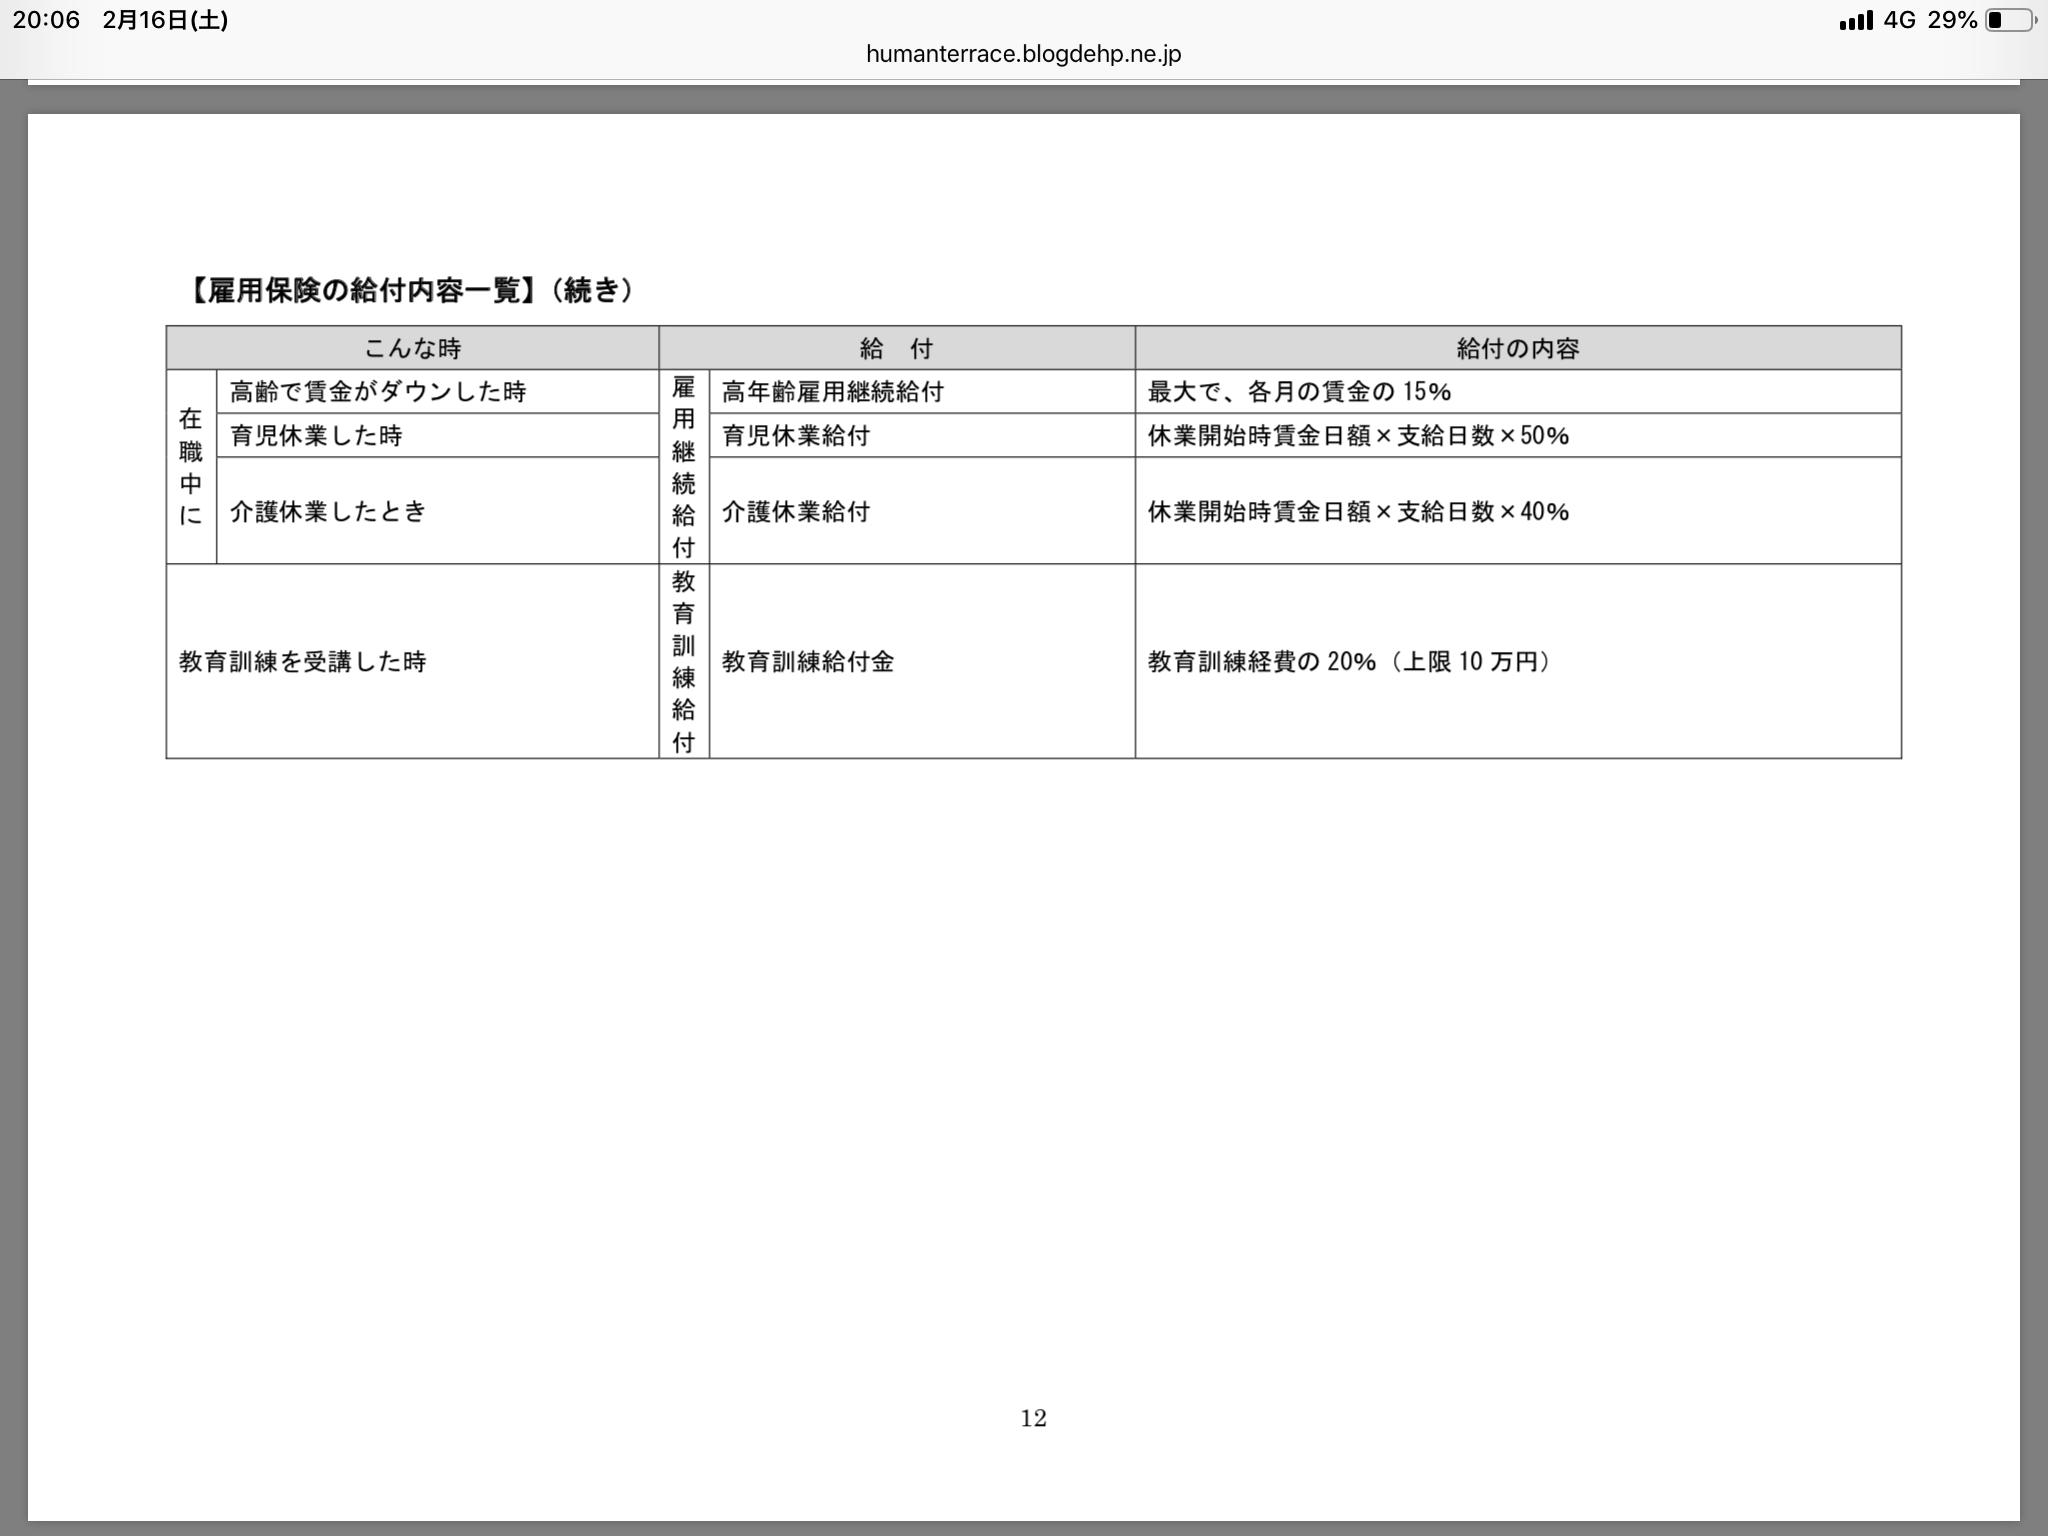 D26F4595-8787-4D07-B580-9EF1FFB9D3DF